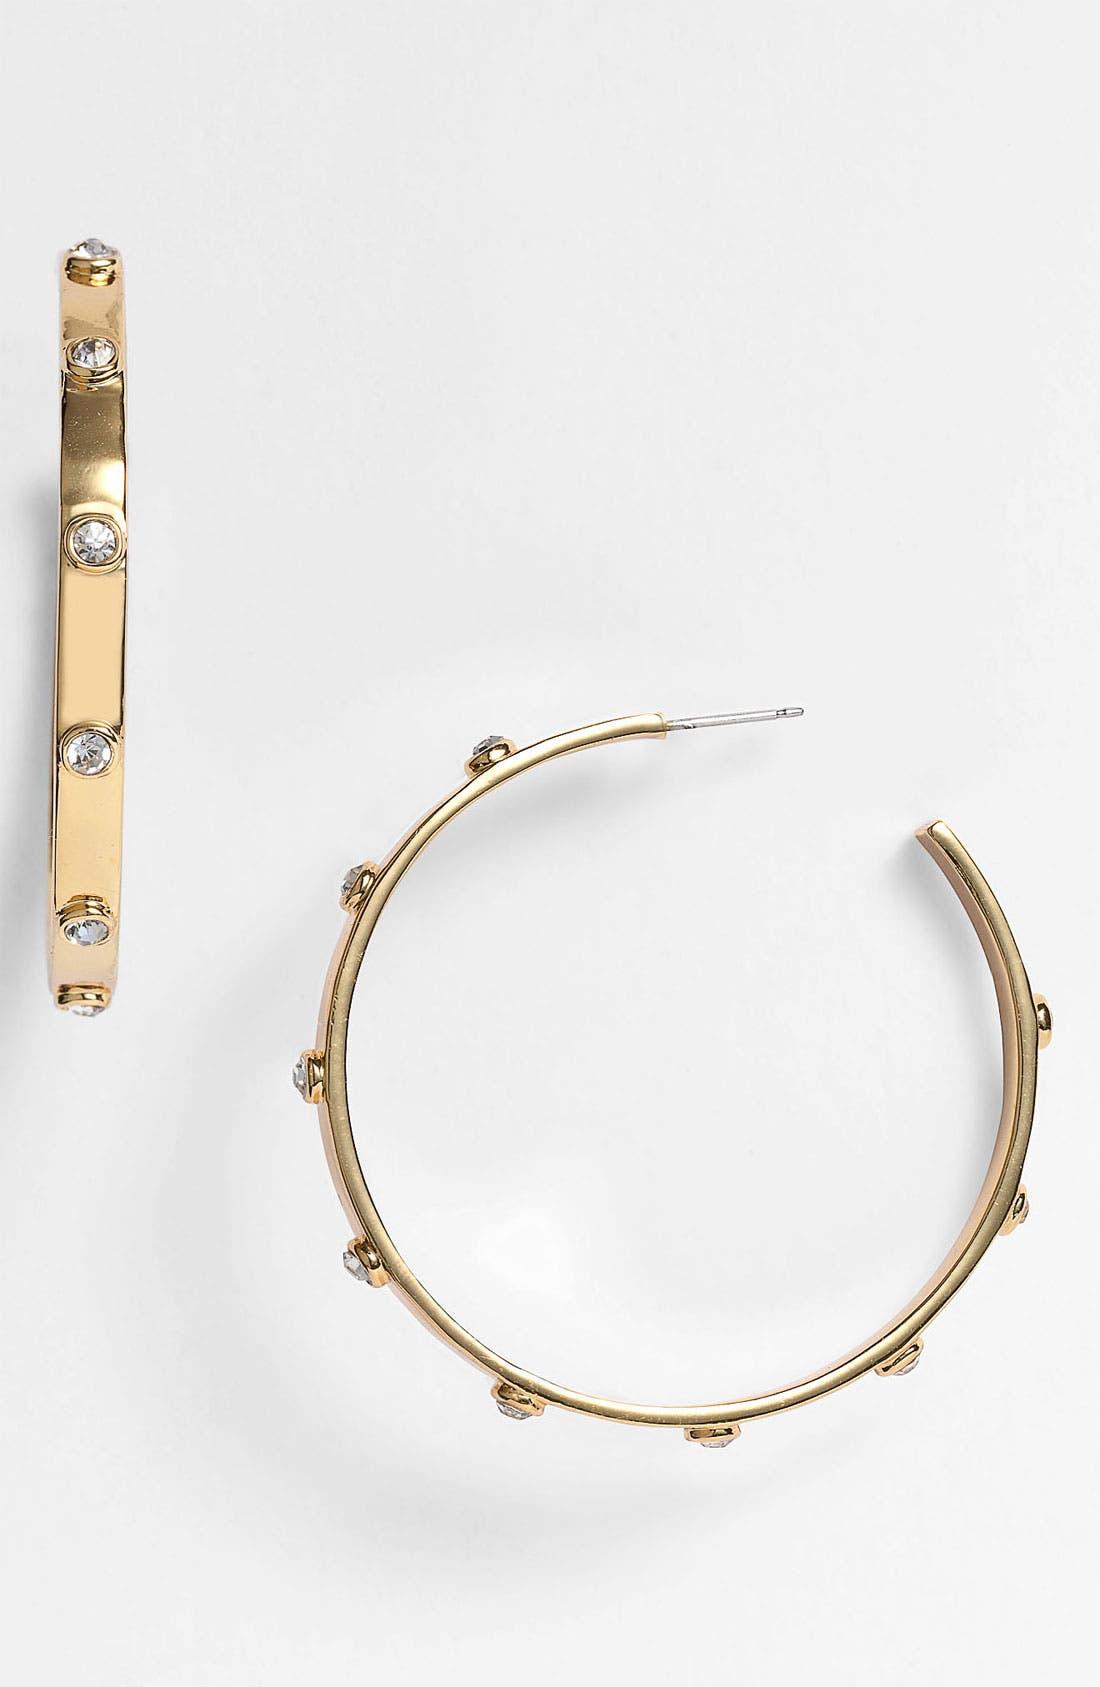 Alternate Image 1 Selected - Vince Camuto 'Speakeasy' Hoop Earrings